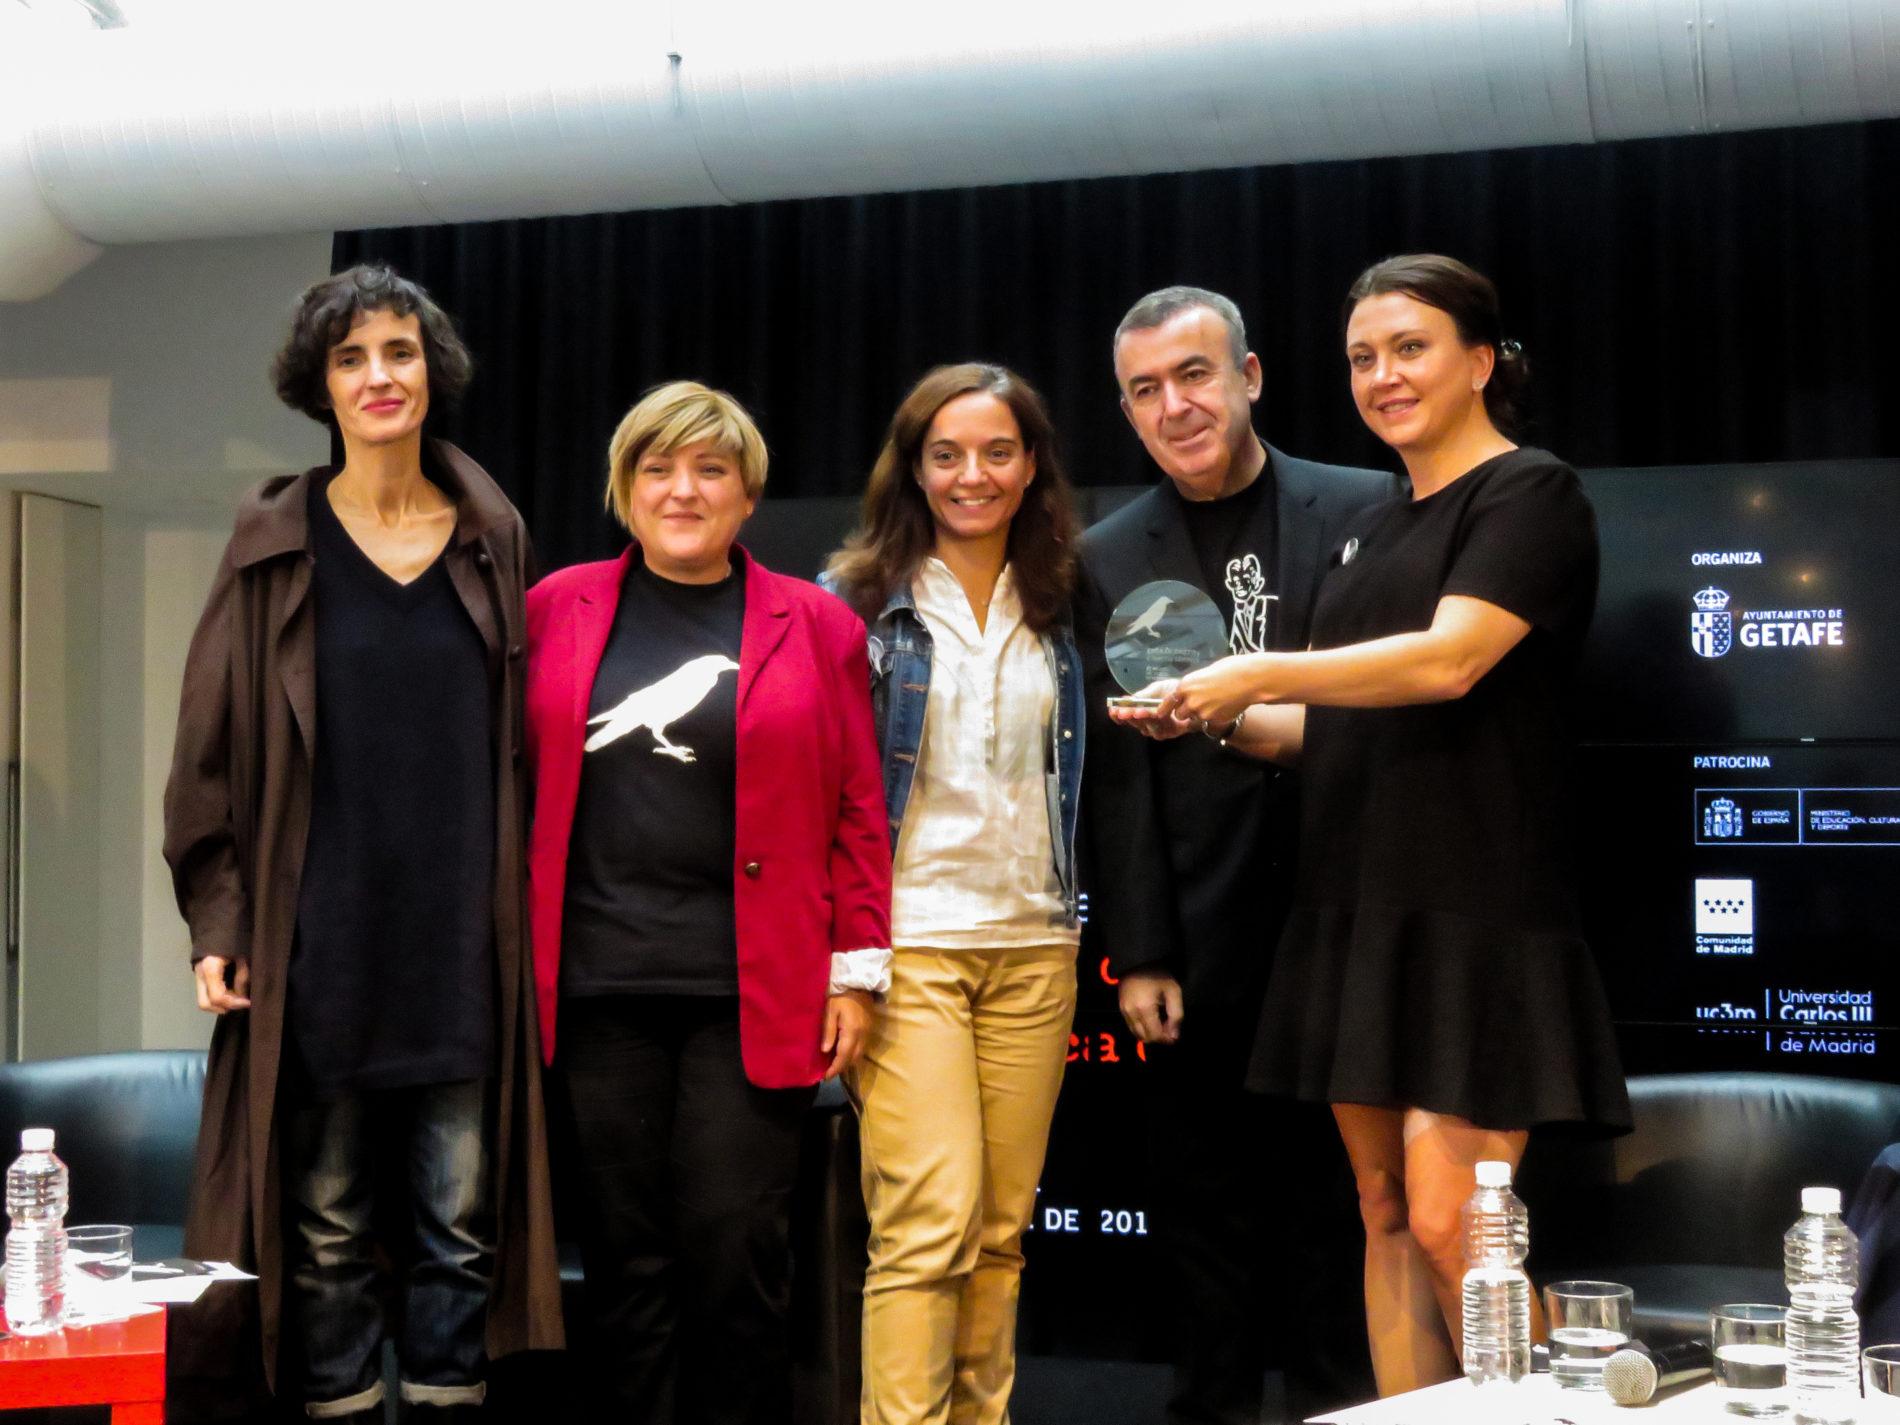 Presentación de la XI edición de Getafe Negro. Imagen: Javier González Sánchez.